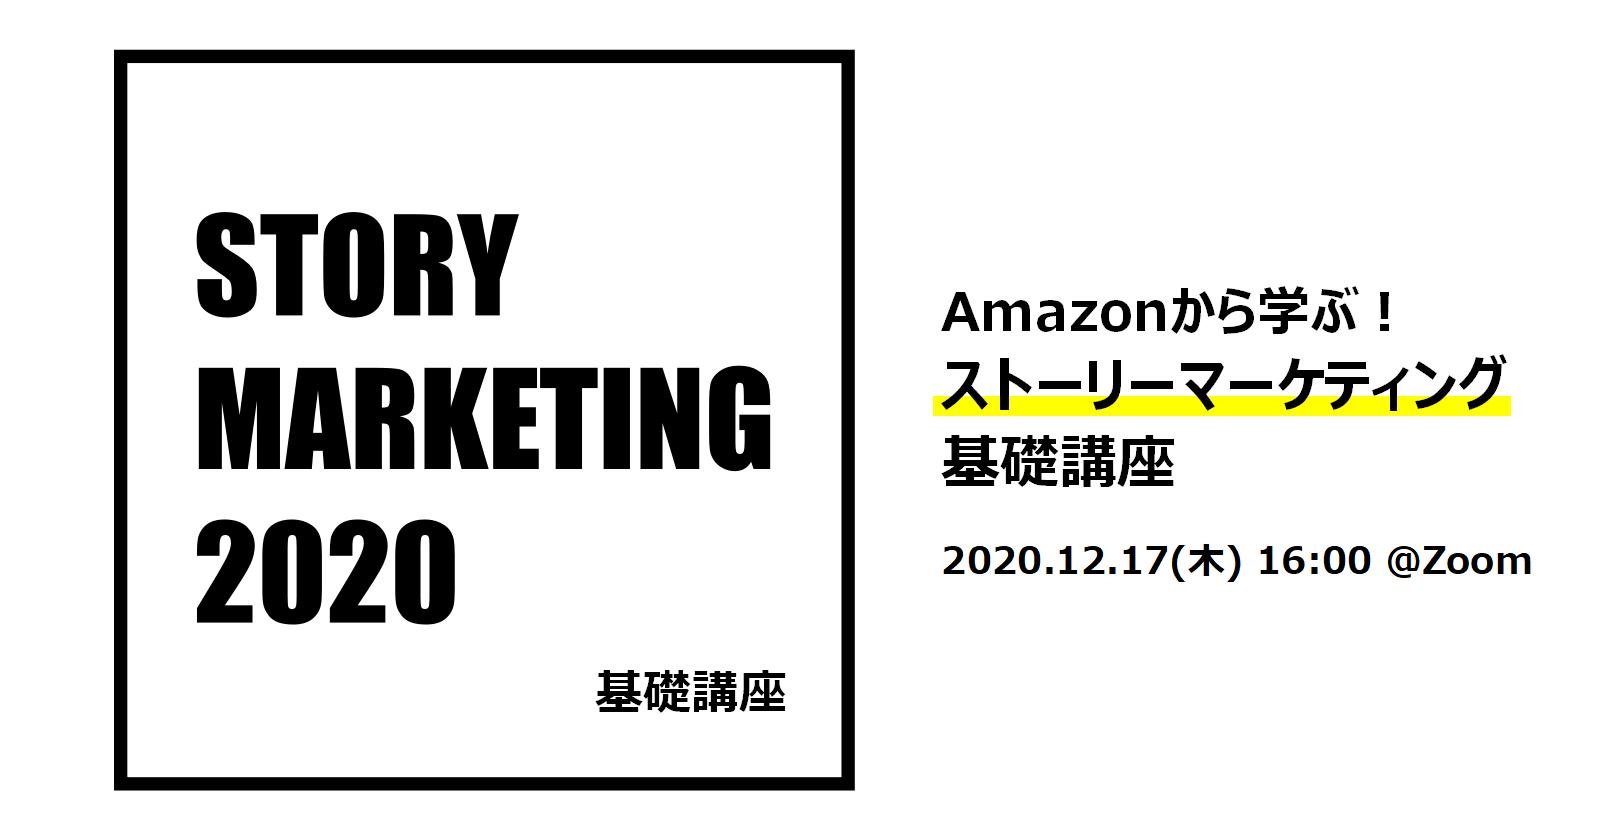 Amazonから学ぶ!ストーリーマーケティング